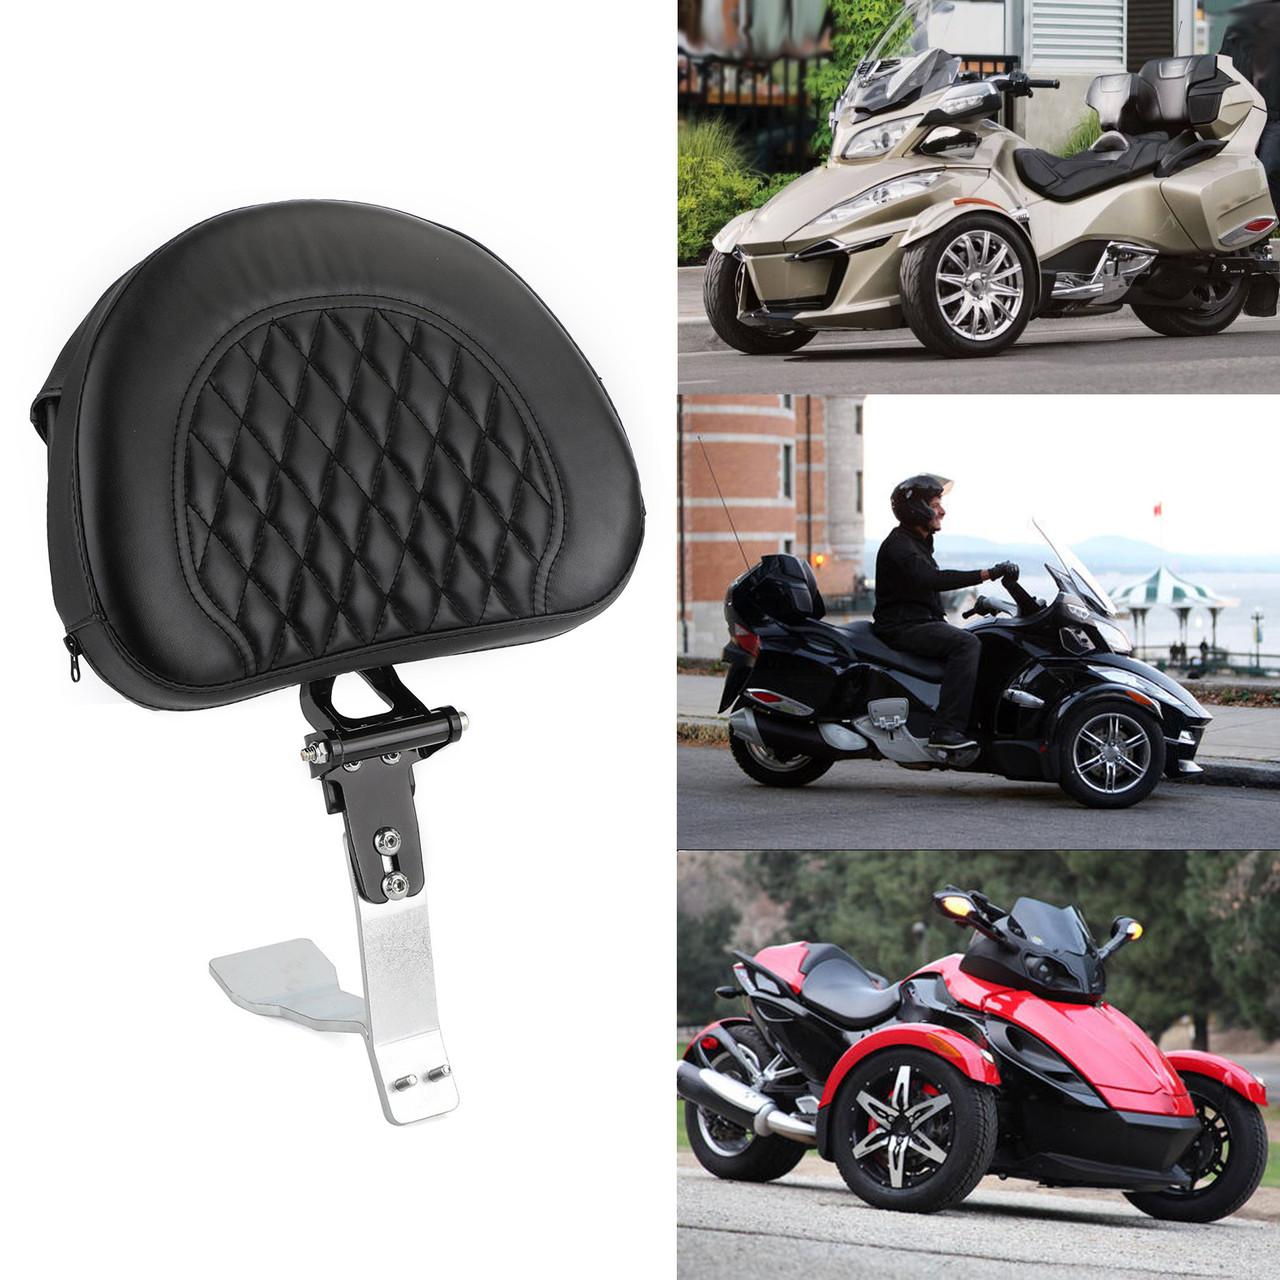 Adjustable Driver Backrest fit for Can Am Spyder RT SE6 SM6 SE5 08-17 Black